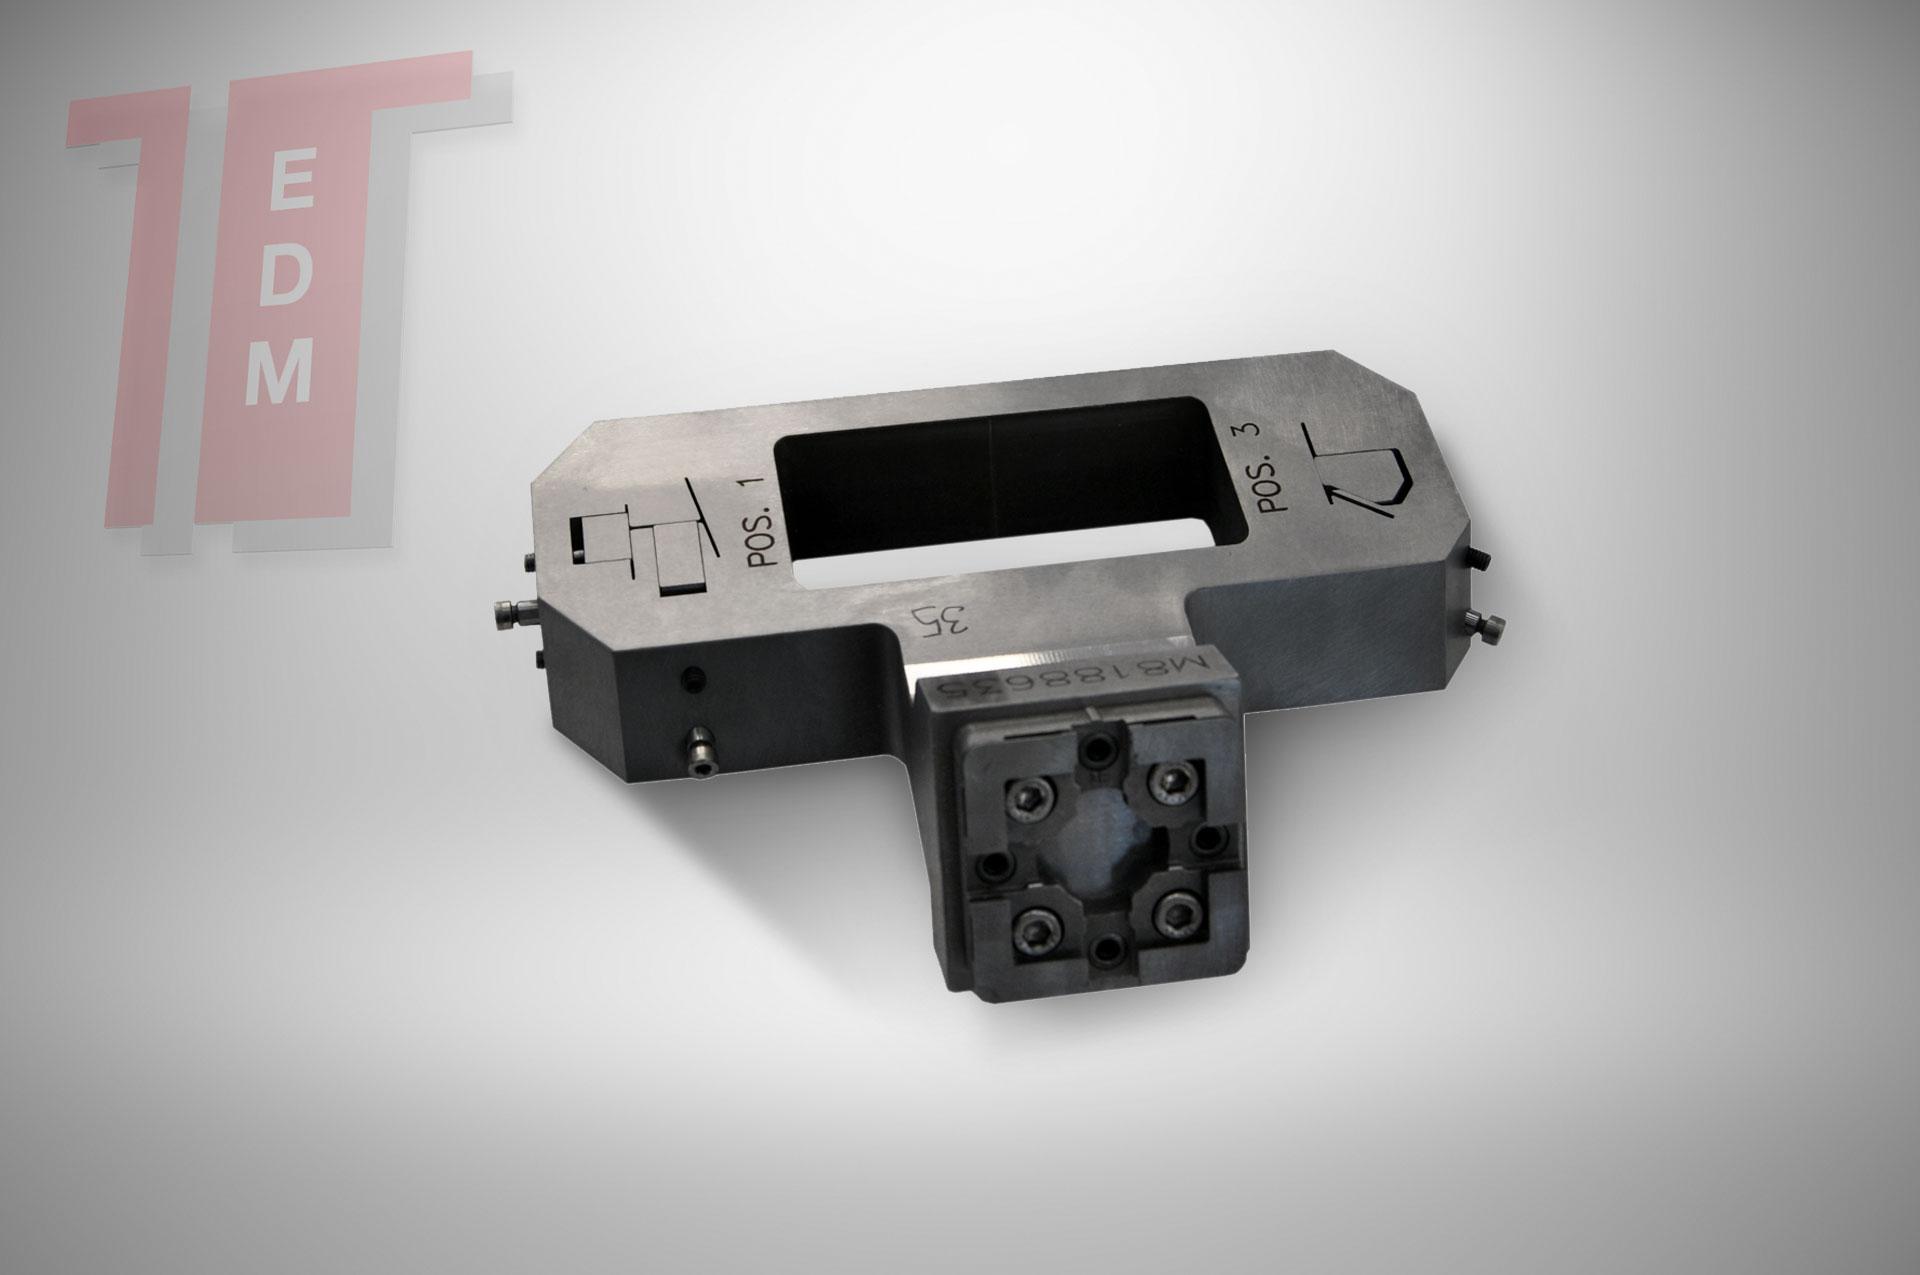 attrezzature per edm porta elettrodo attrezzature